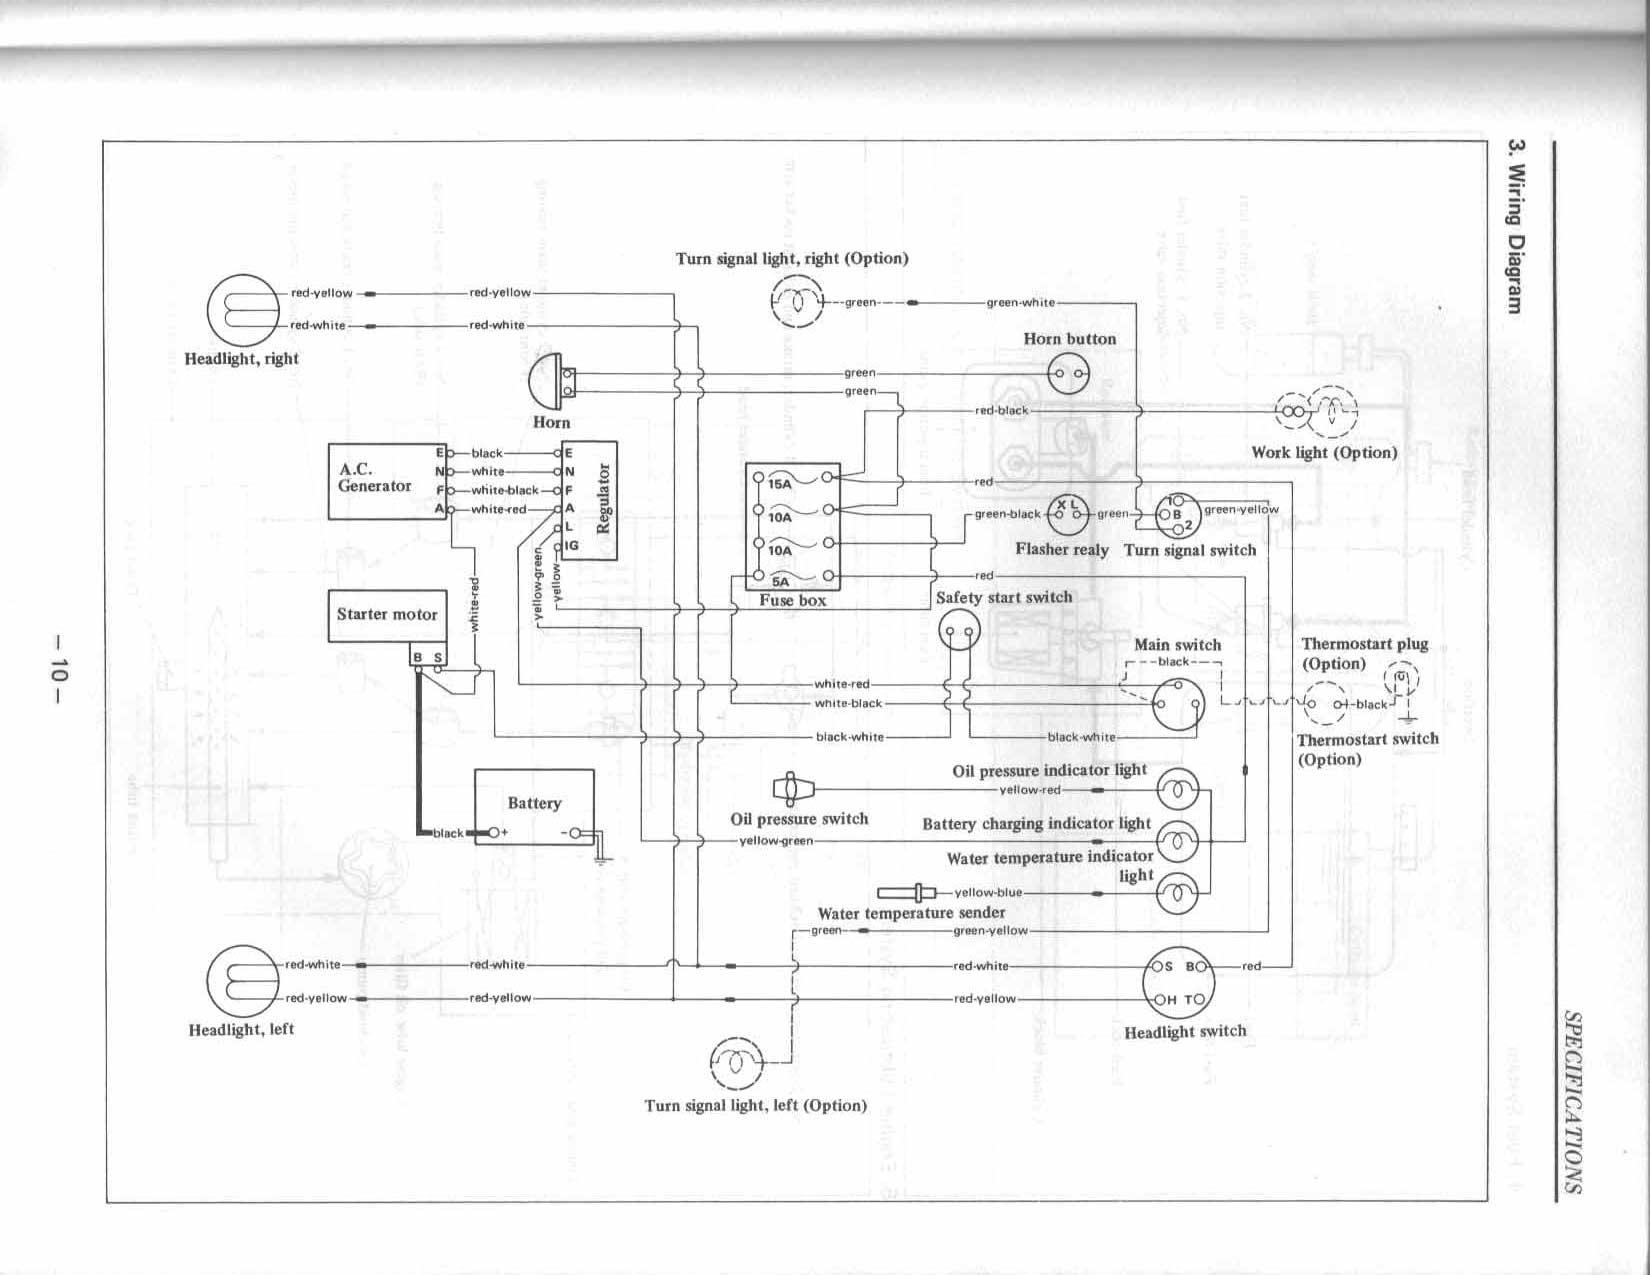 Kubota G5200 Wiring Diagram Kubota B2100 Wiring Diagram Kubota – Kubota G1800 Wiring-diagram